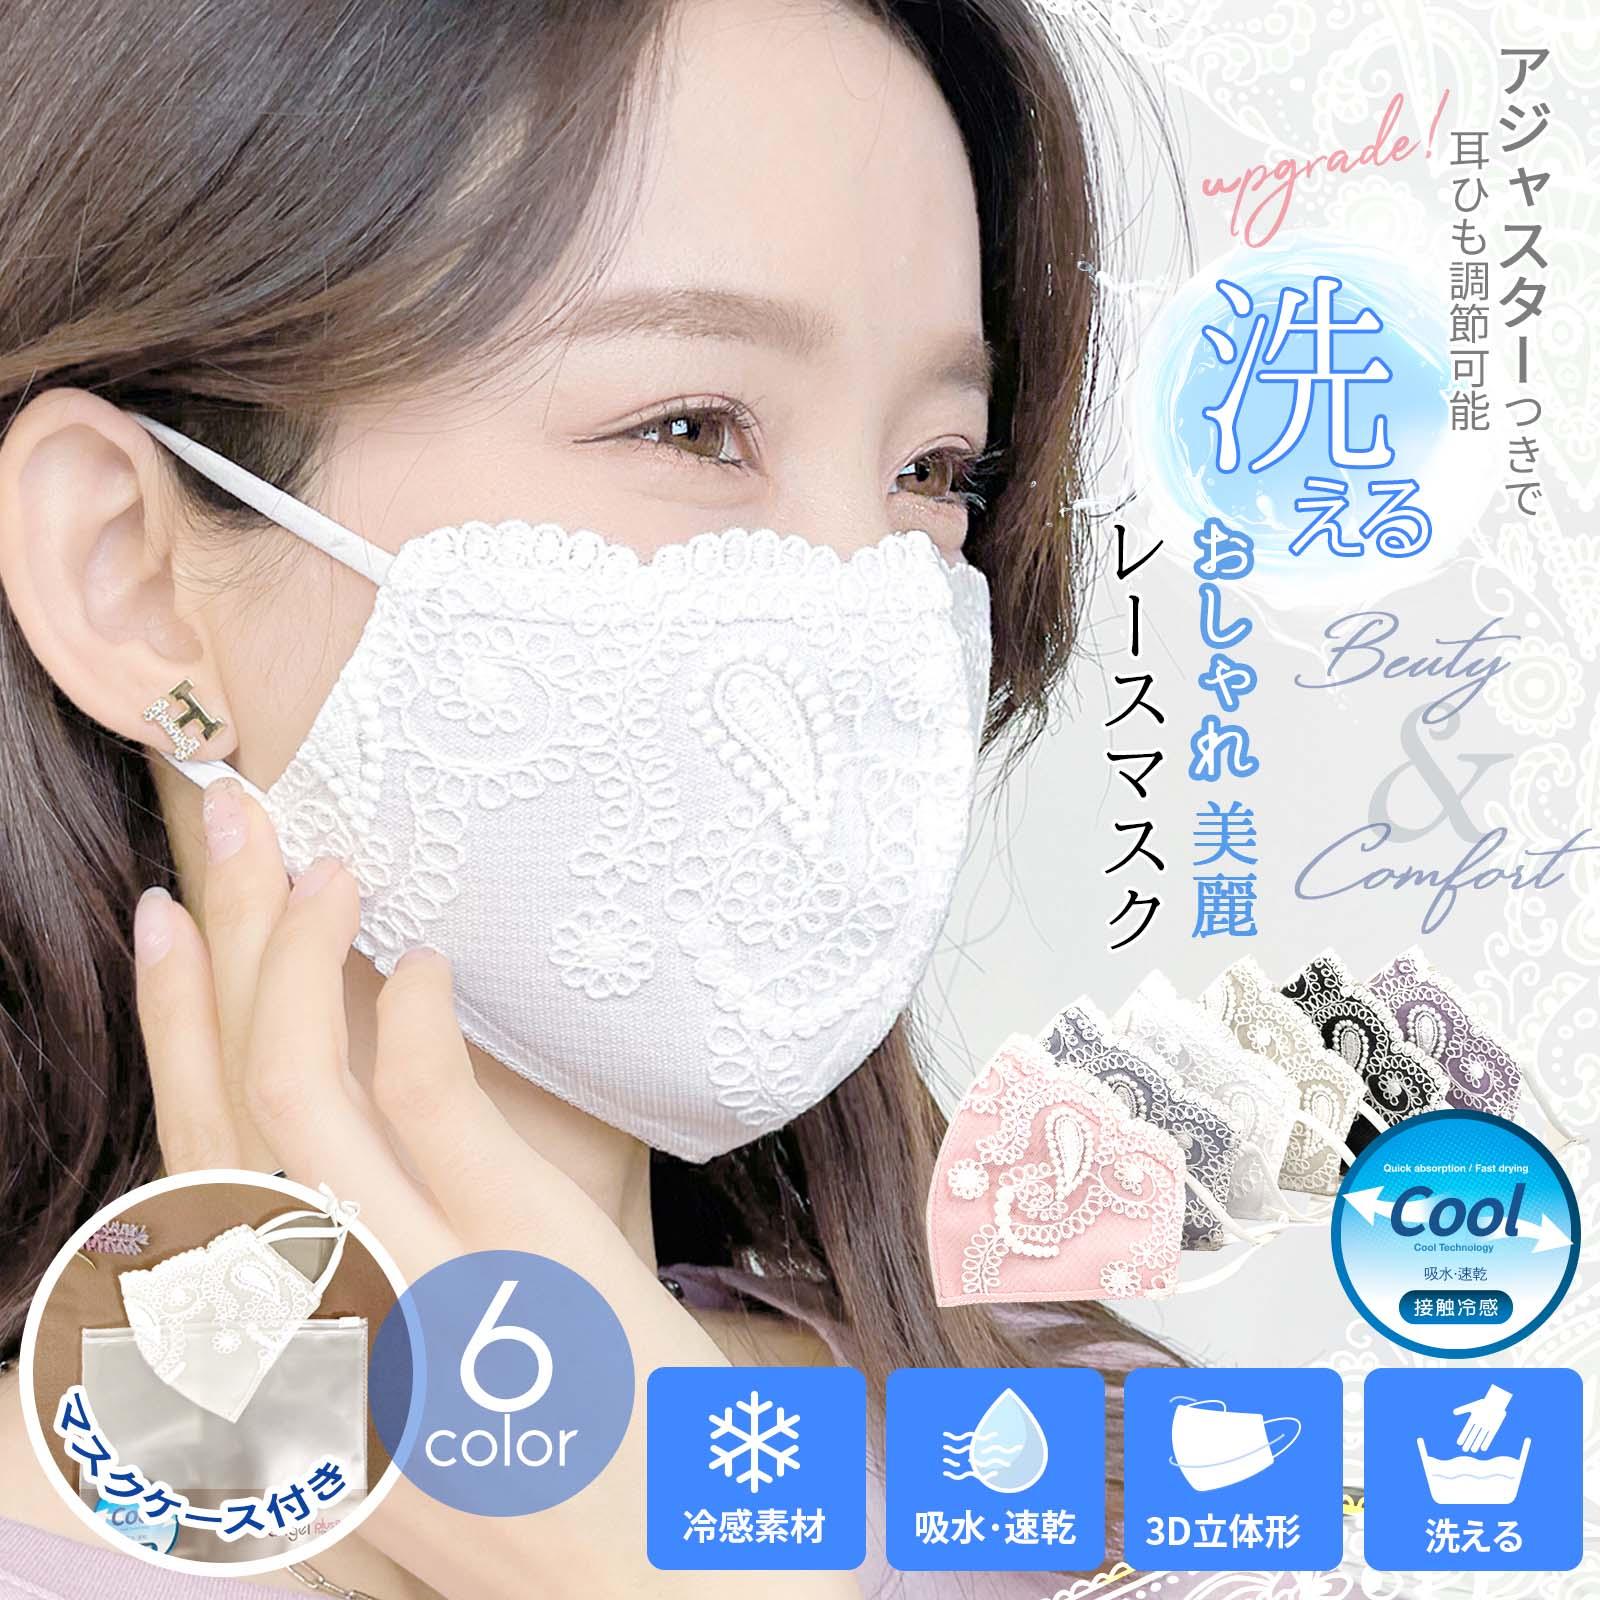 [アジャスターつき]上品チュールレース美麗マスク 洗えるマスク 吸水速乾 花粉対策 [RC019]